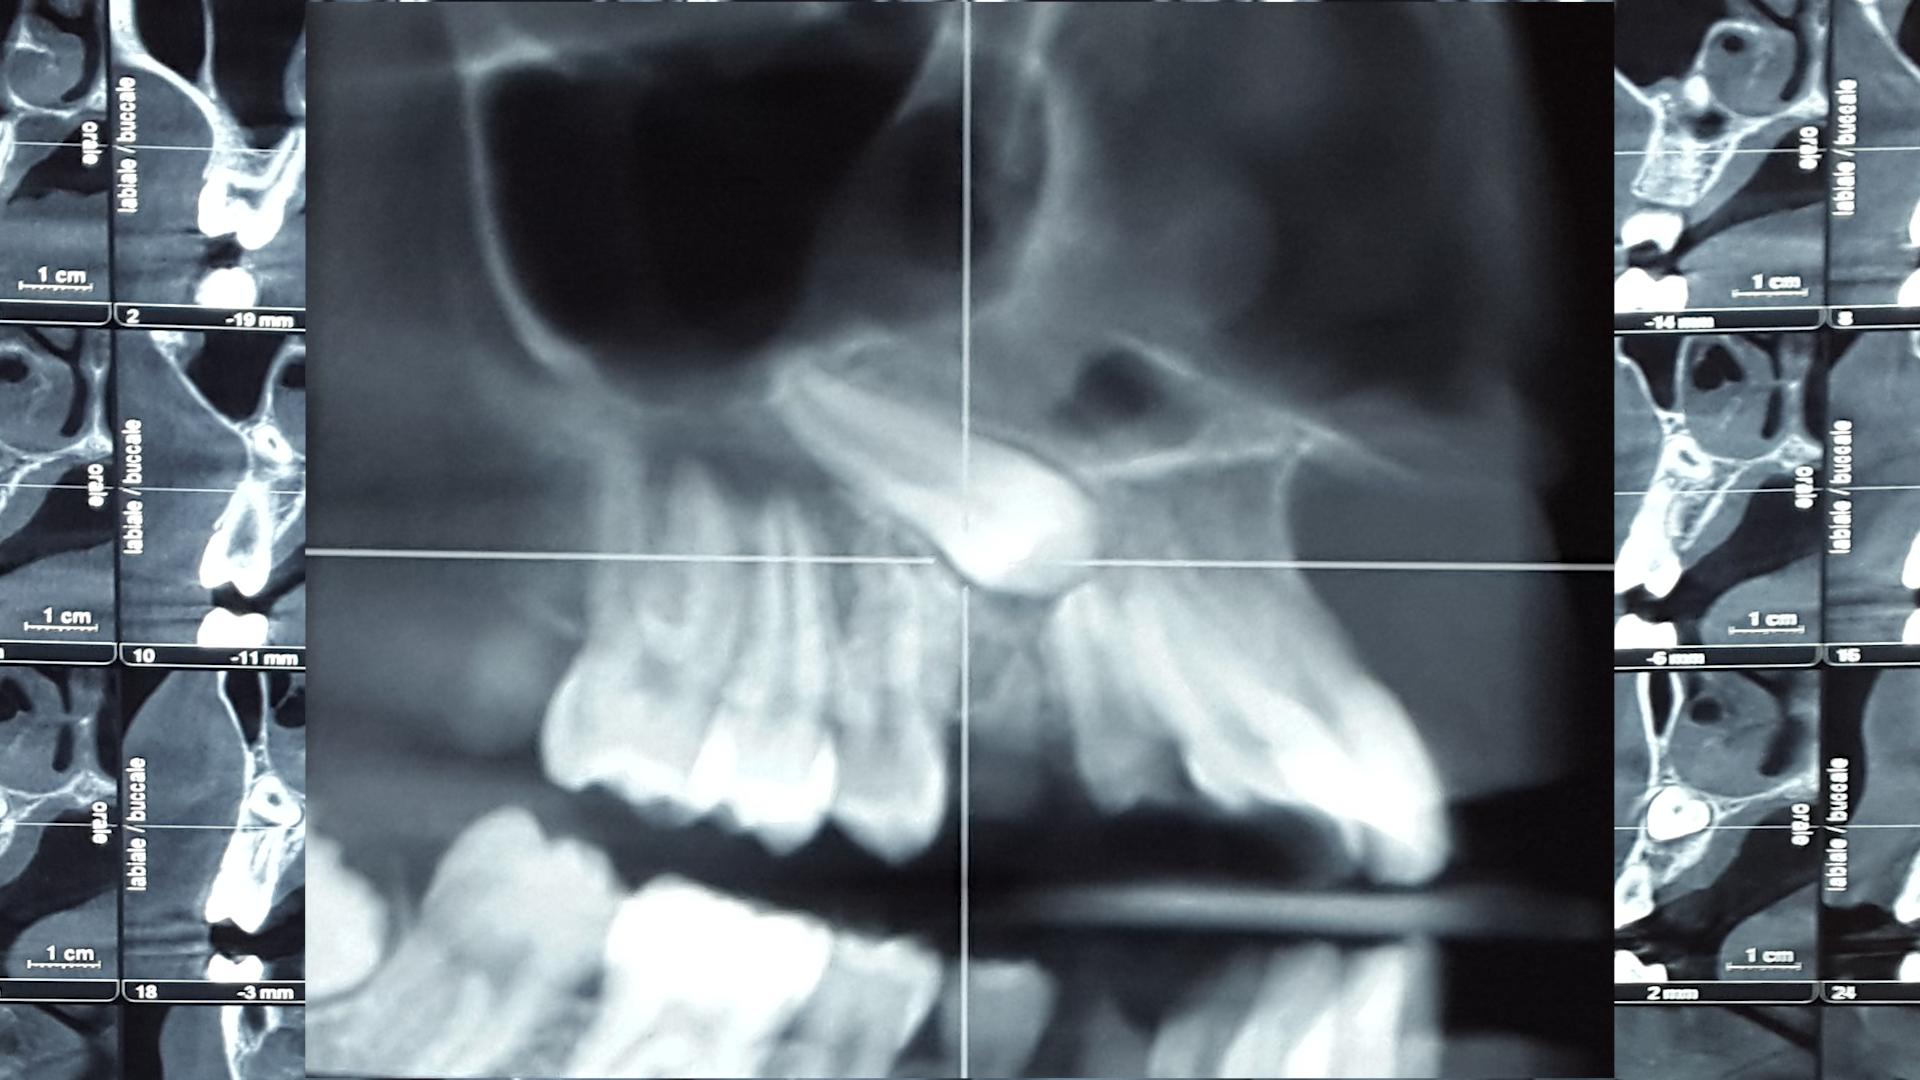 Immagine radiografica di canino incluso in Cone Beam